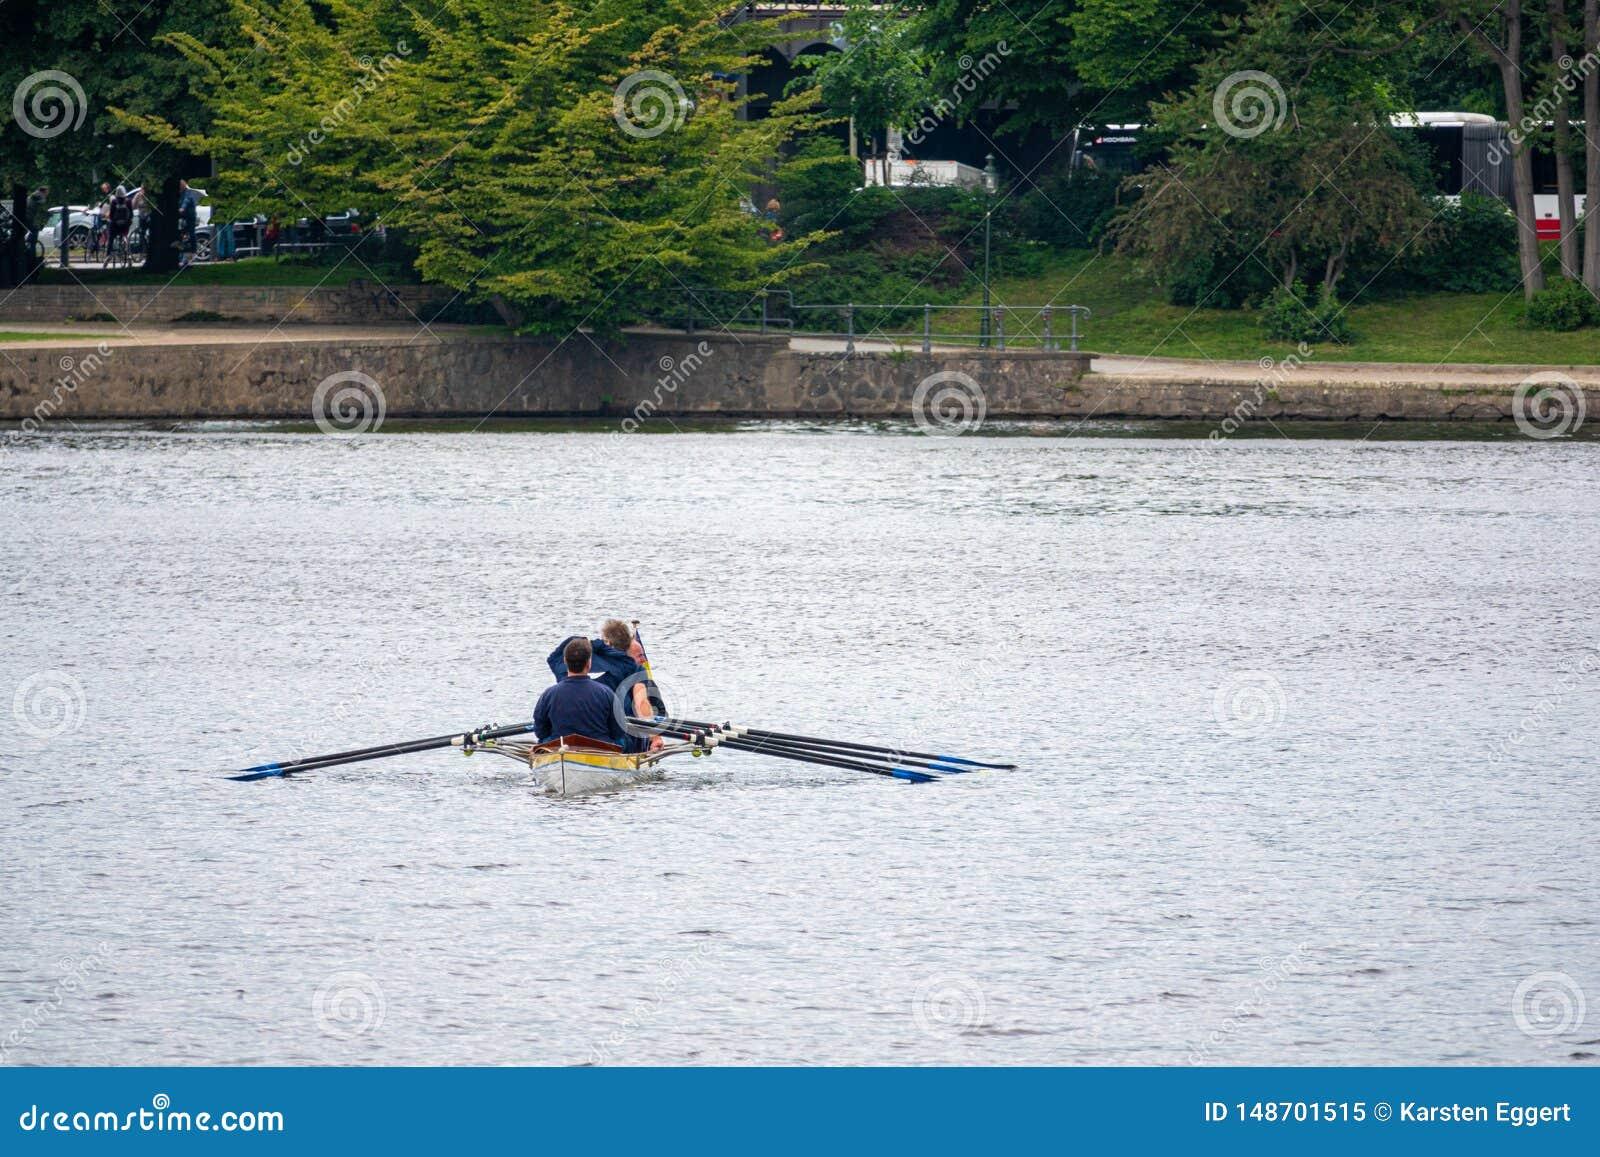 Les rameurs reposent dans des sports bateau et attente pour le début de la course